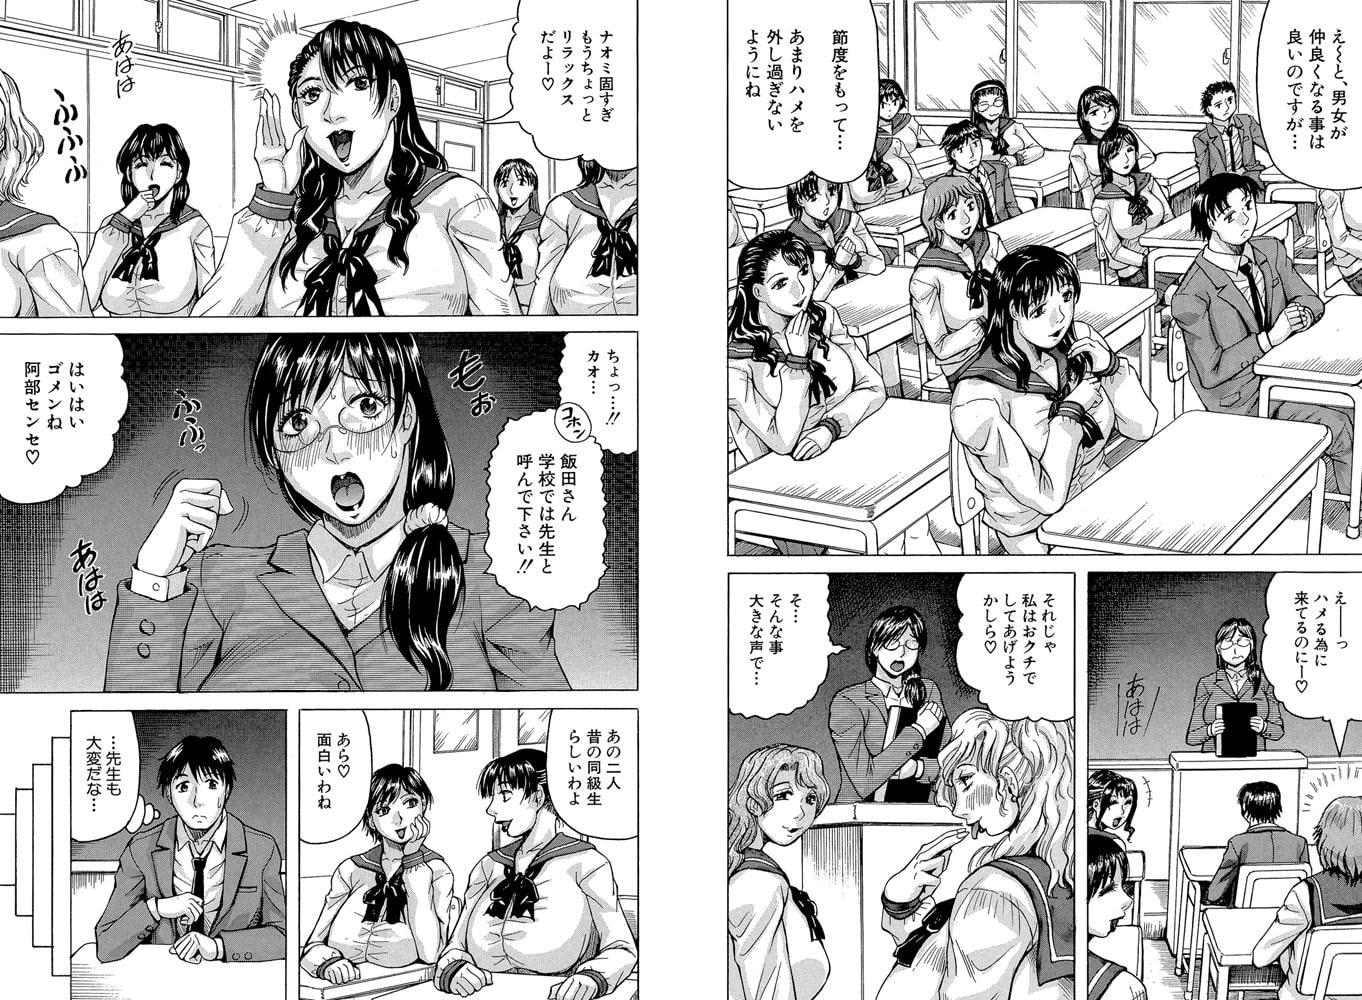 【ティーアイネット】じゃみんぐ先生 2冊パック(202005)